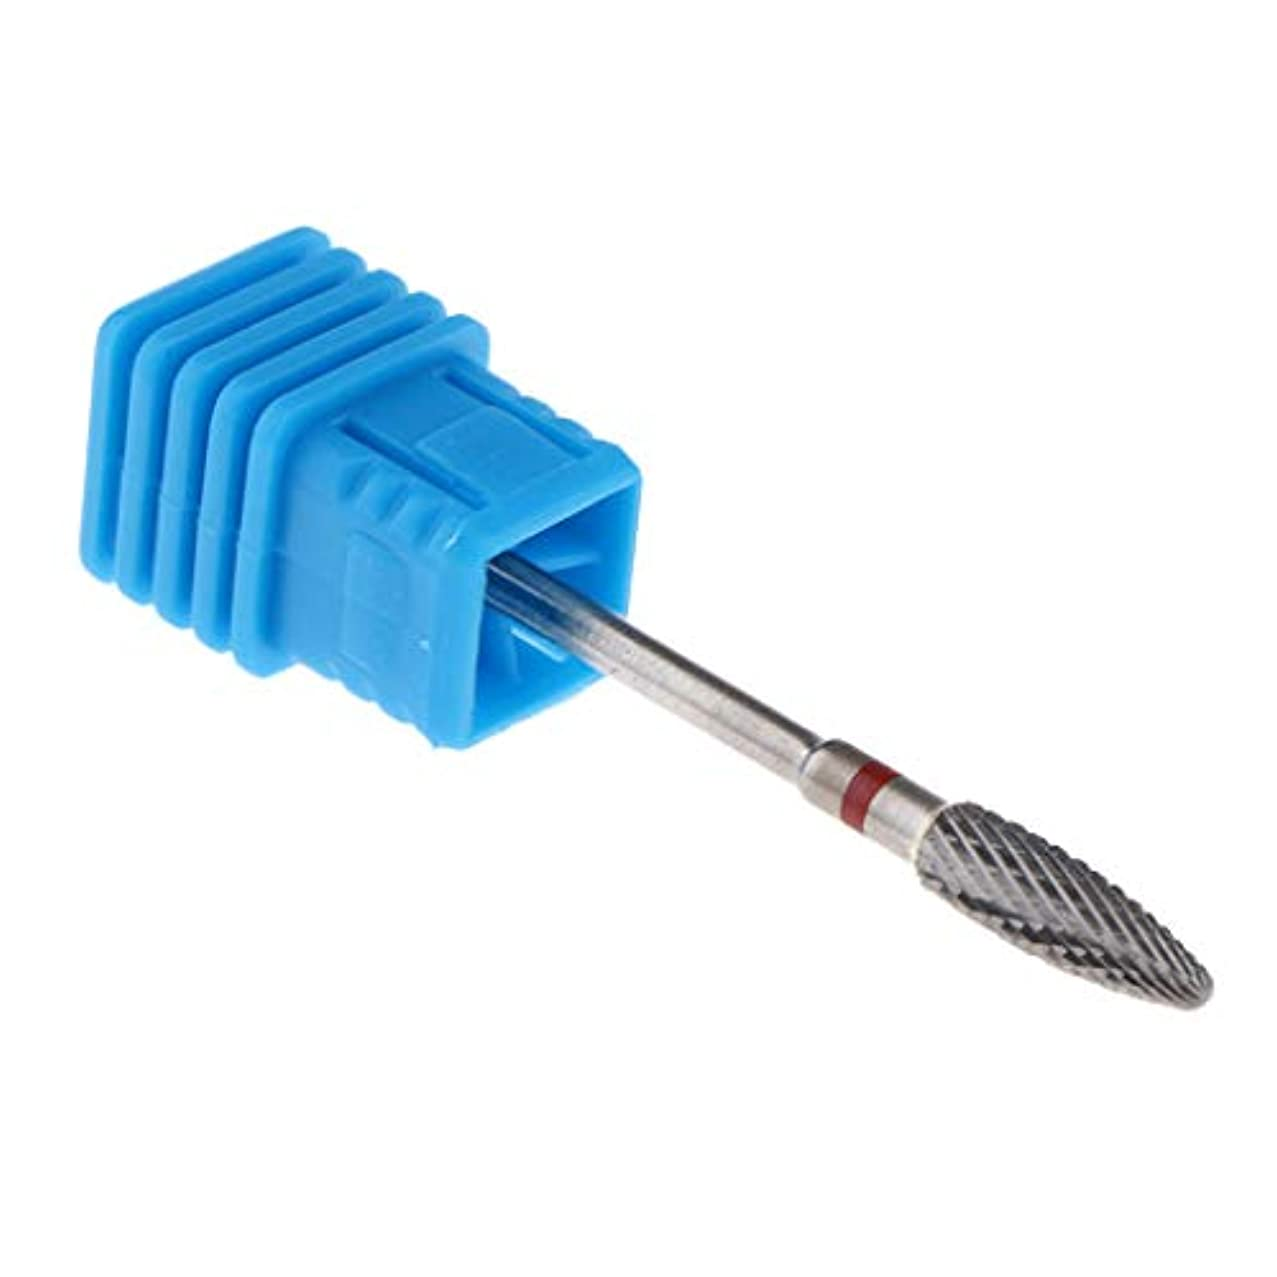 楽しい説明する同じCUTICATE 電気ネイルドリルビット 磨き 研磨ヘッド アクリルの釘 ネイルアート研削ビット 5サイズ - No.03